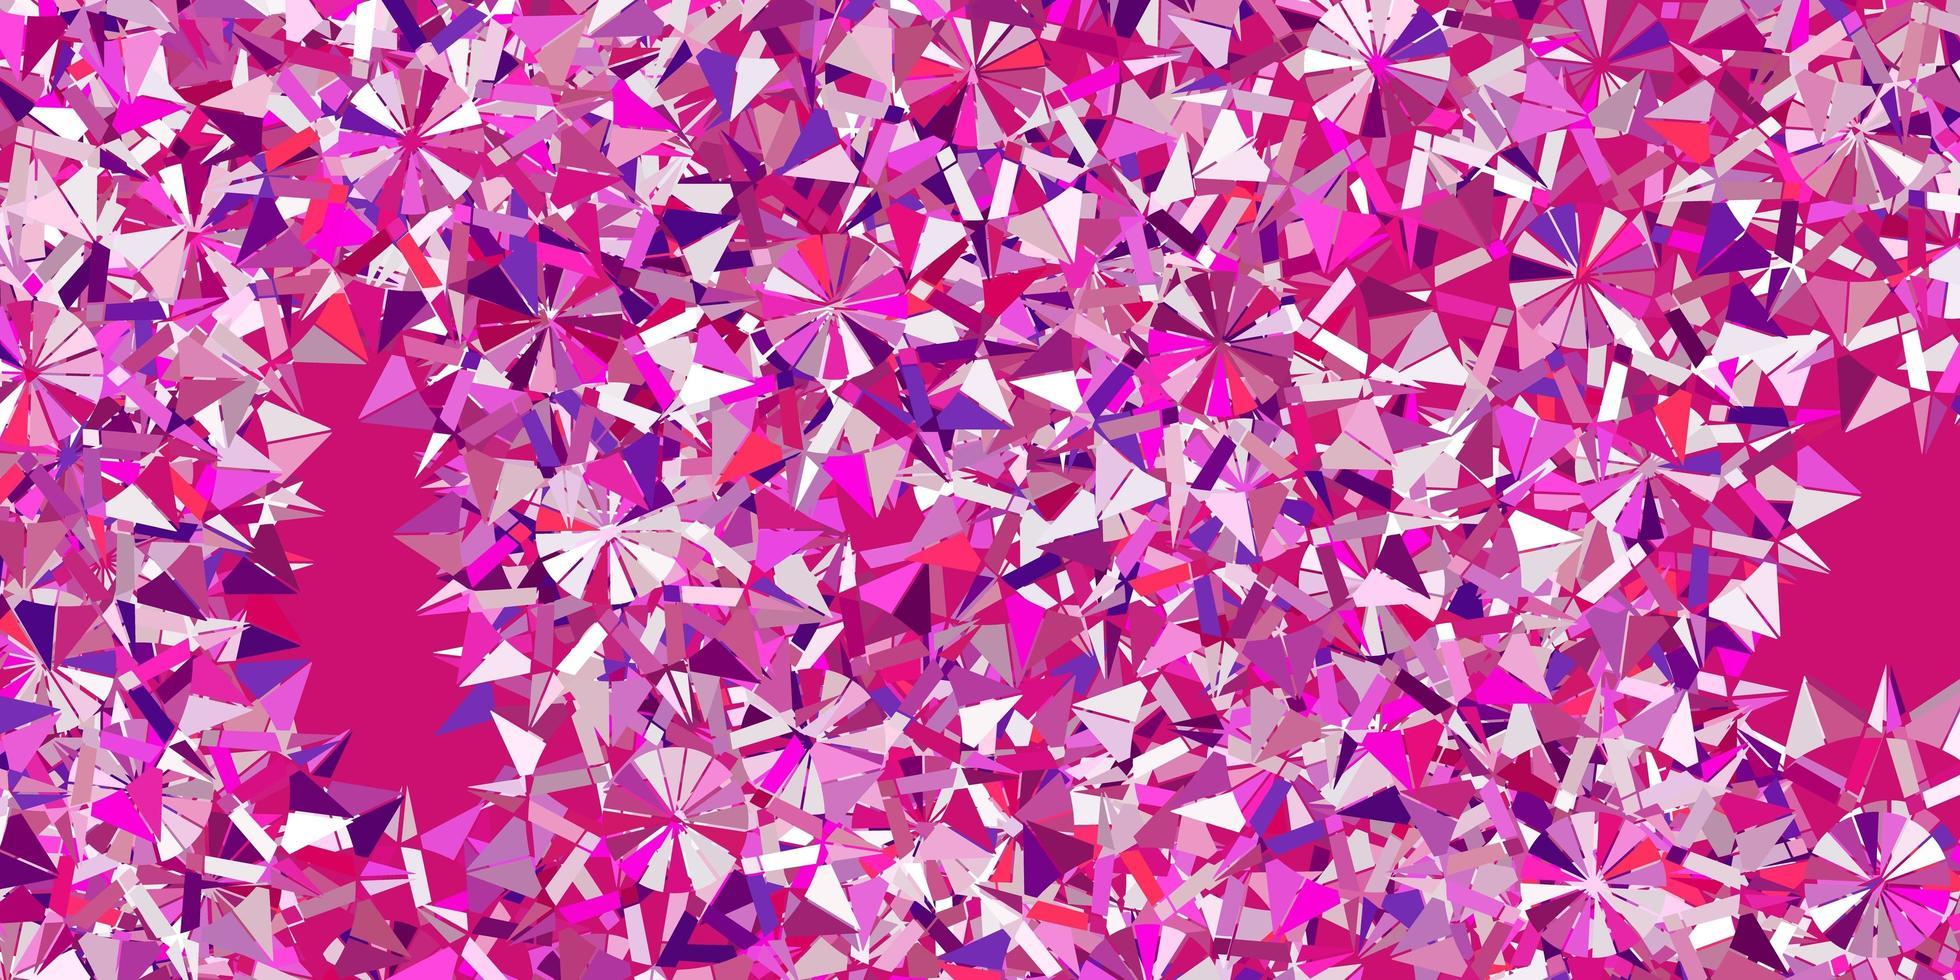 luz roxa vector belo cenário de flocos de neve com flores.